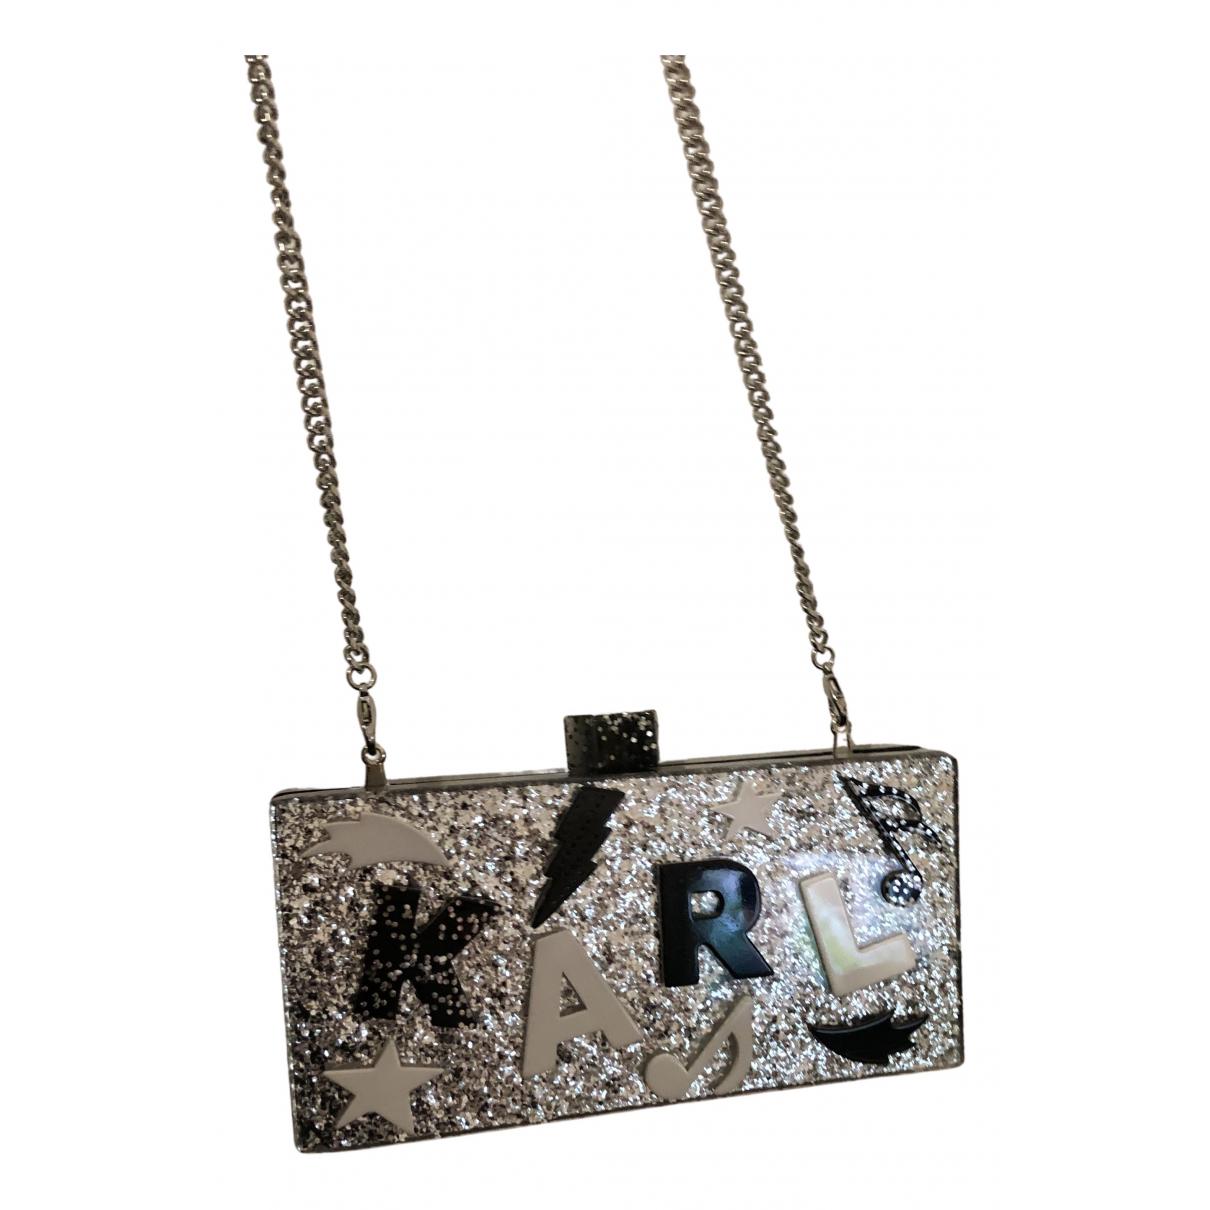 Karl Lagerfeld \N Clutch in  Silber Kunststoff